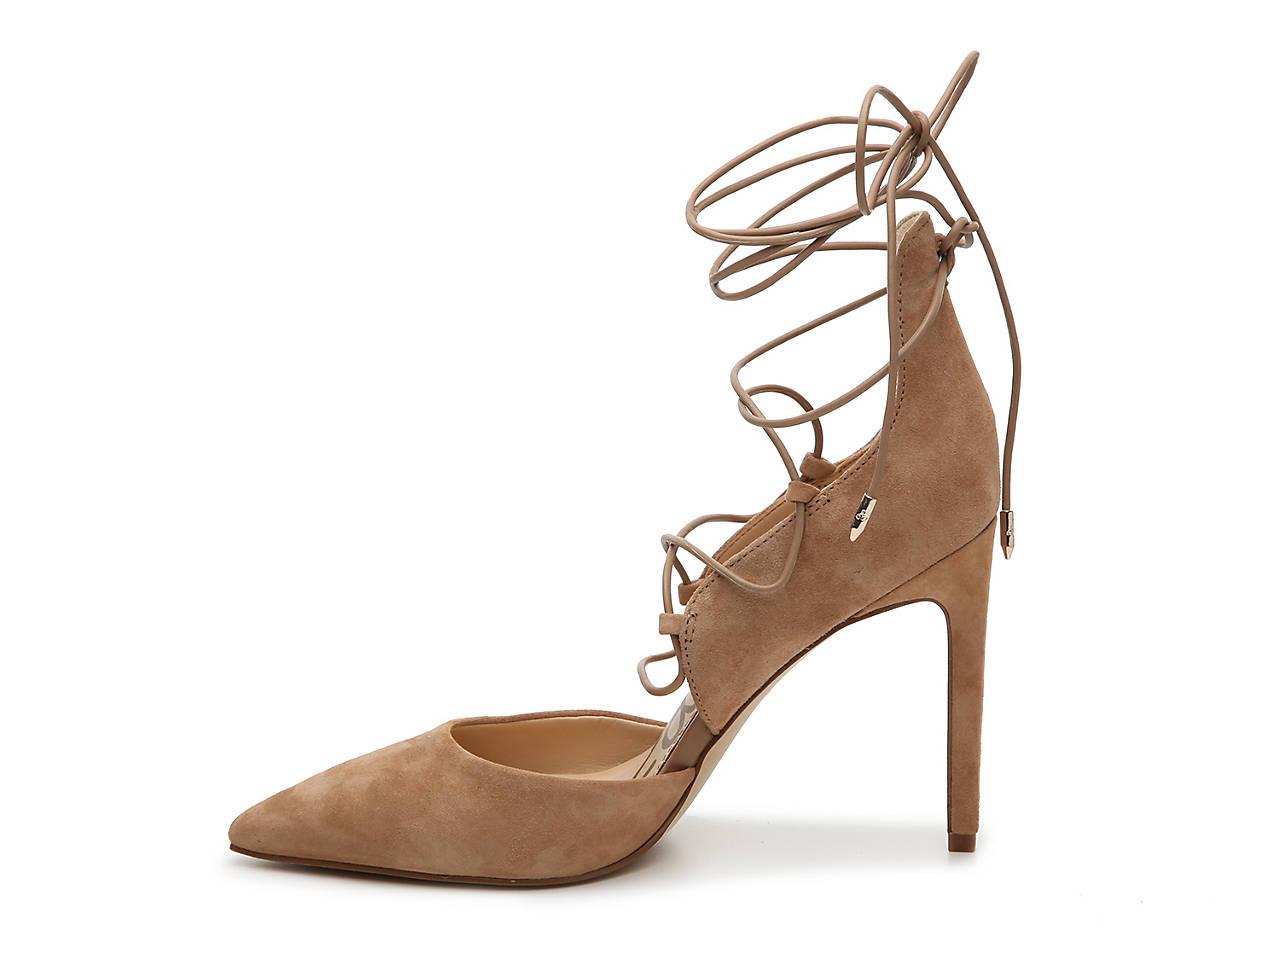 7d754bc40f8d Sam Edelman Helaine Pump Women s Shoes